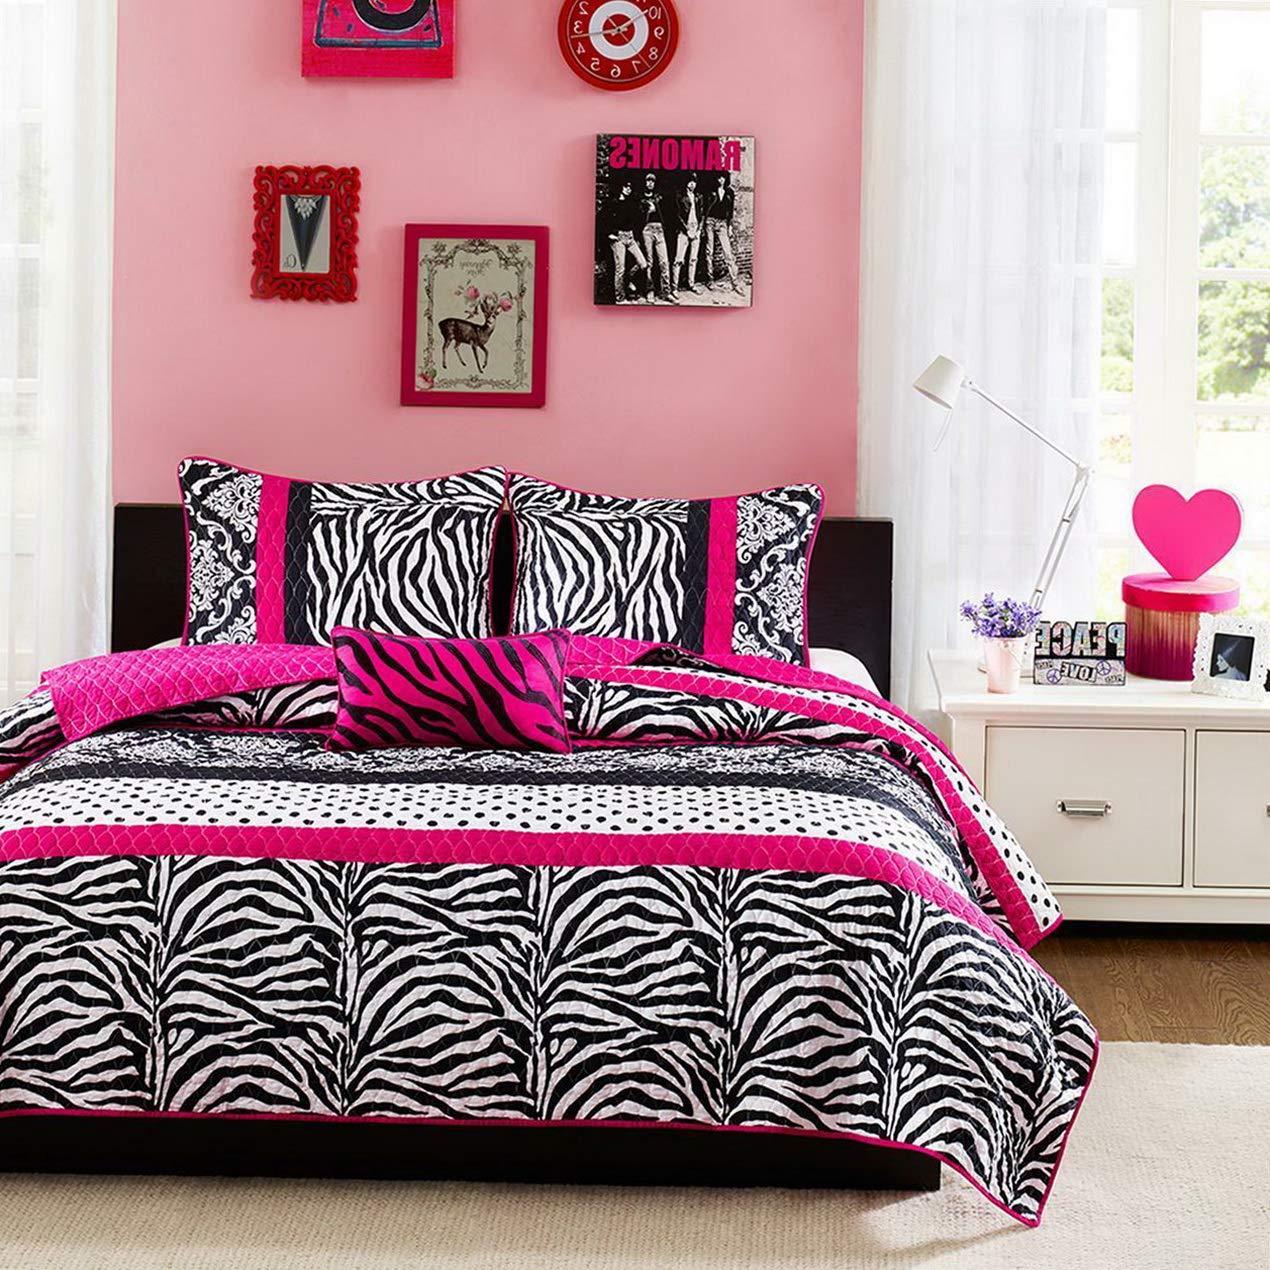 Kaputar Modern Chic Girl HOT Pink Black Zebra Stripe Polka DOTS Quilt Set Pillow | Model CMFRTRSTS - 2836 | Twin by Kaputar (Image #1)